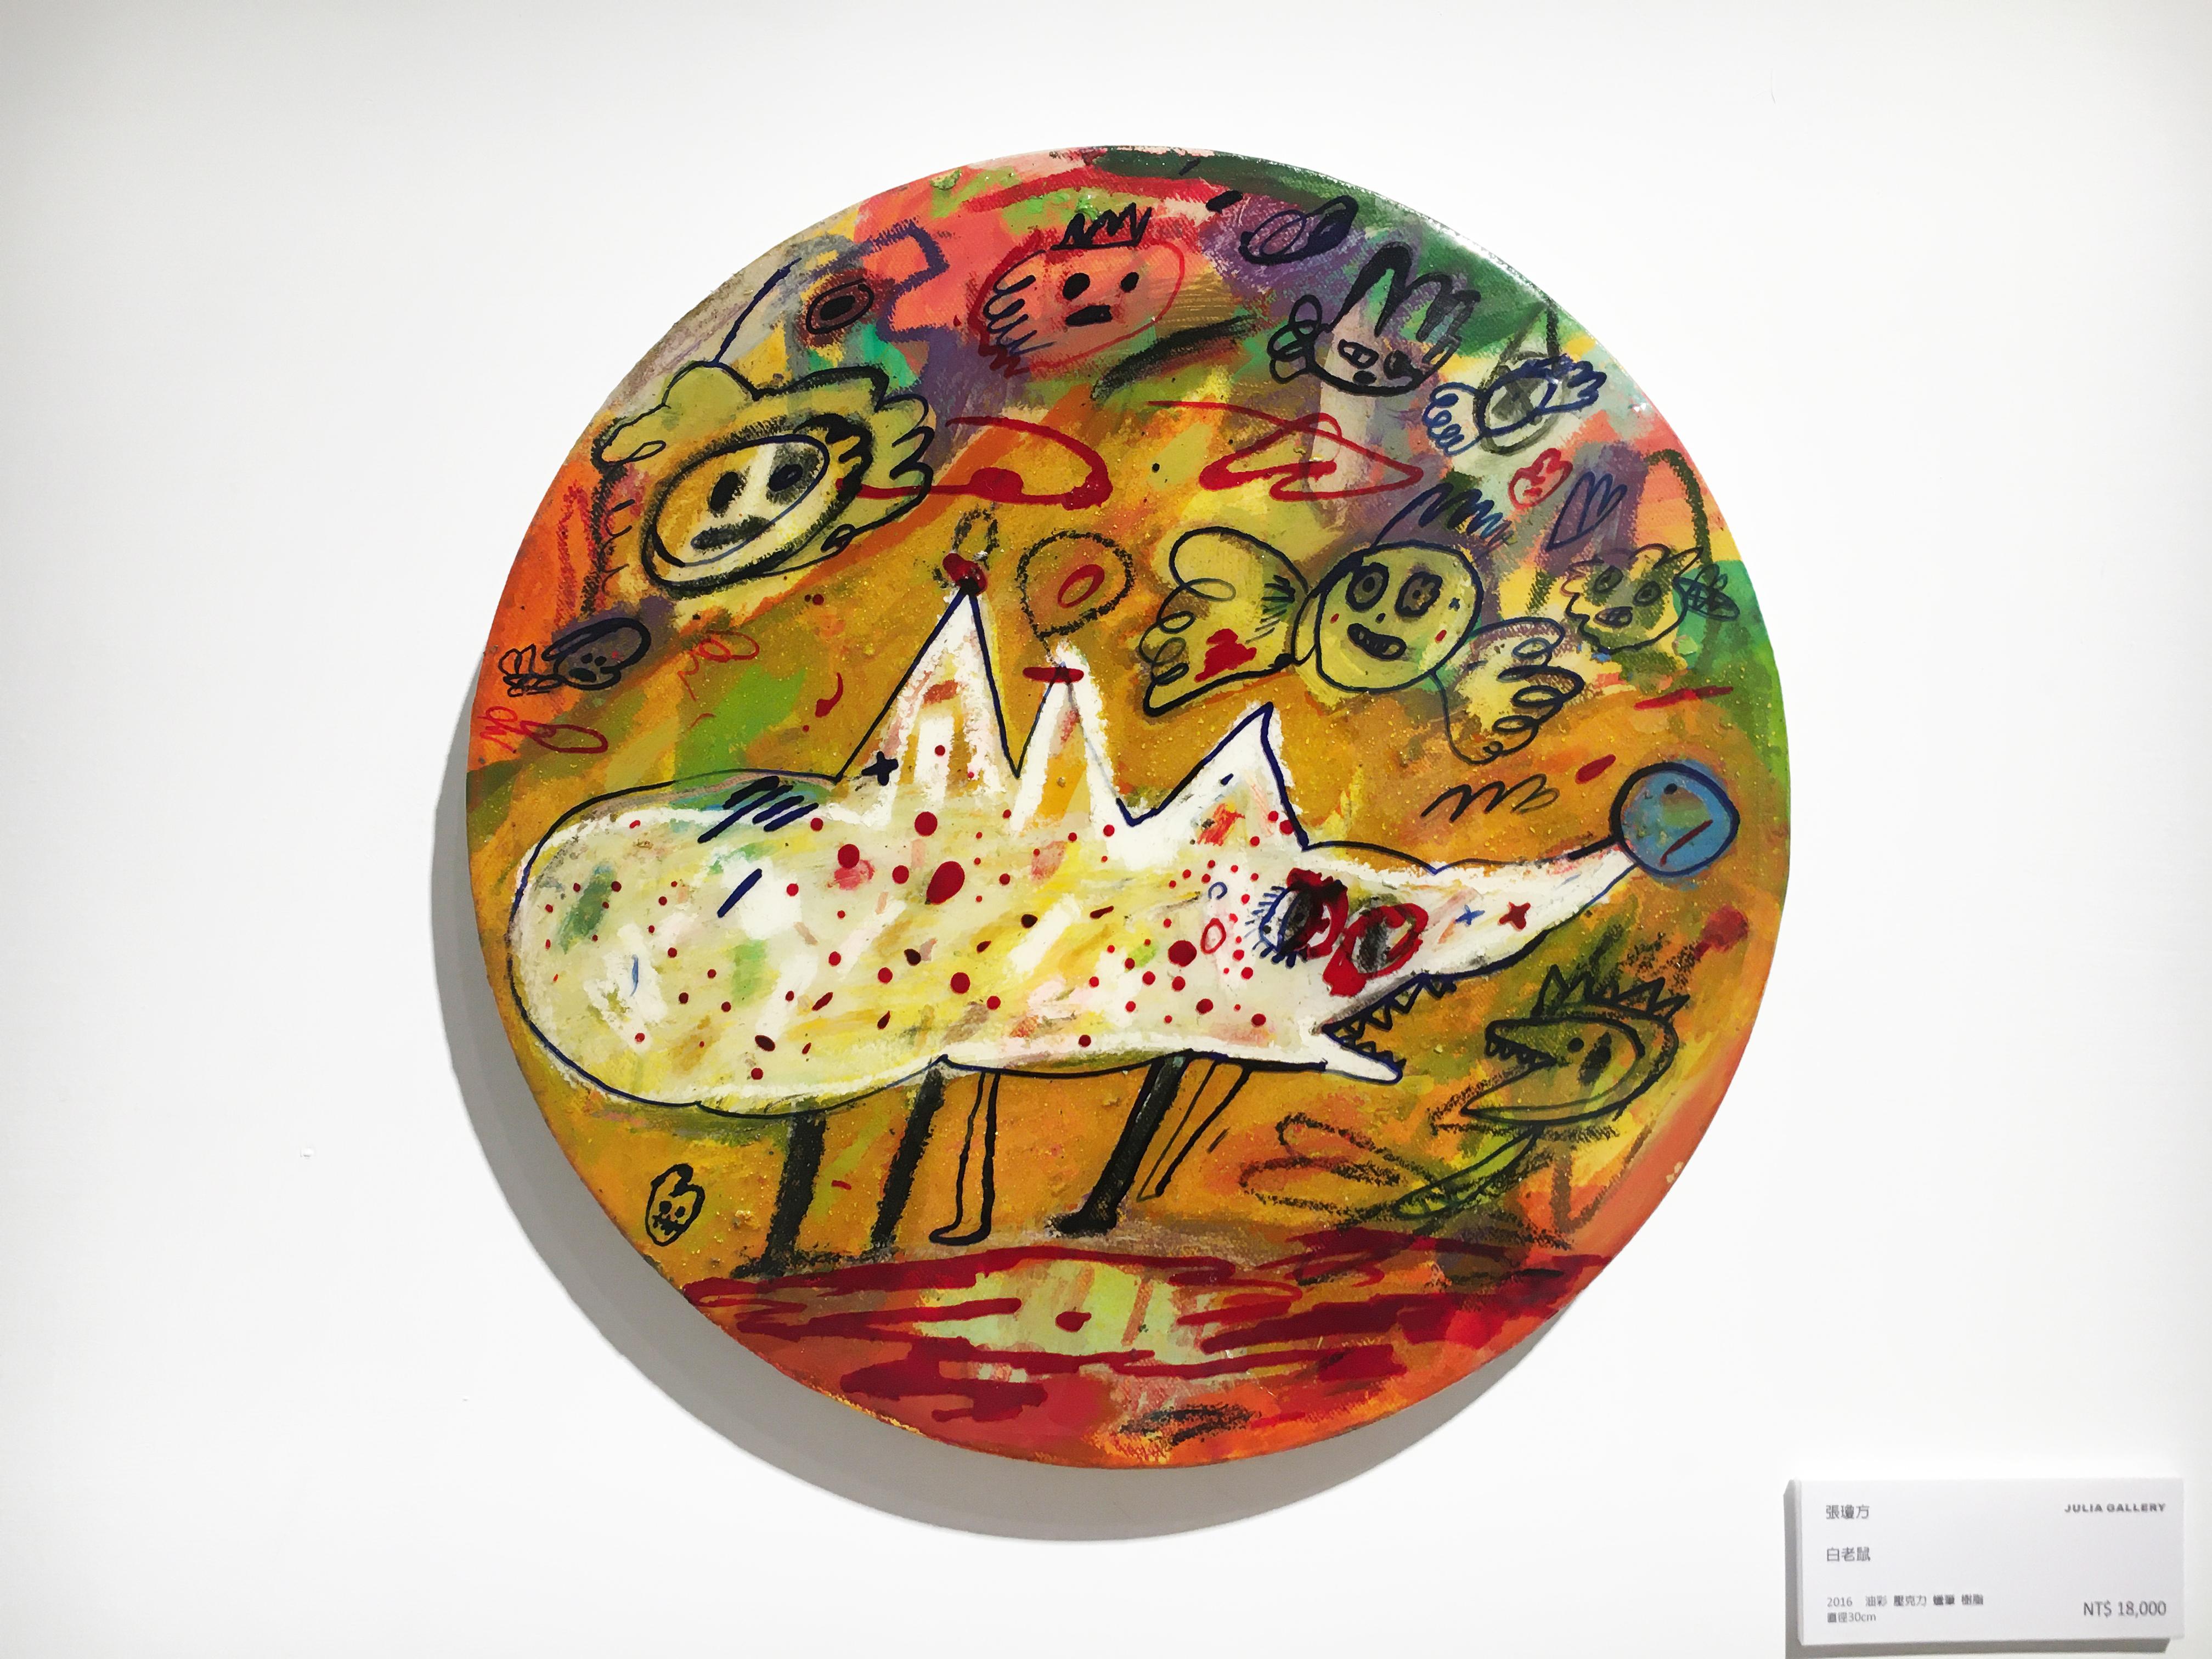 張瓊方,《白老鼠》,直徑 30 cm,油彩、壓克力、蠟筆、樹脂,2016。